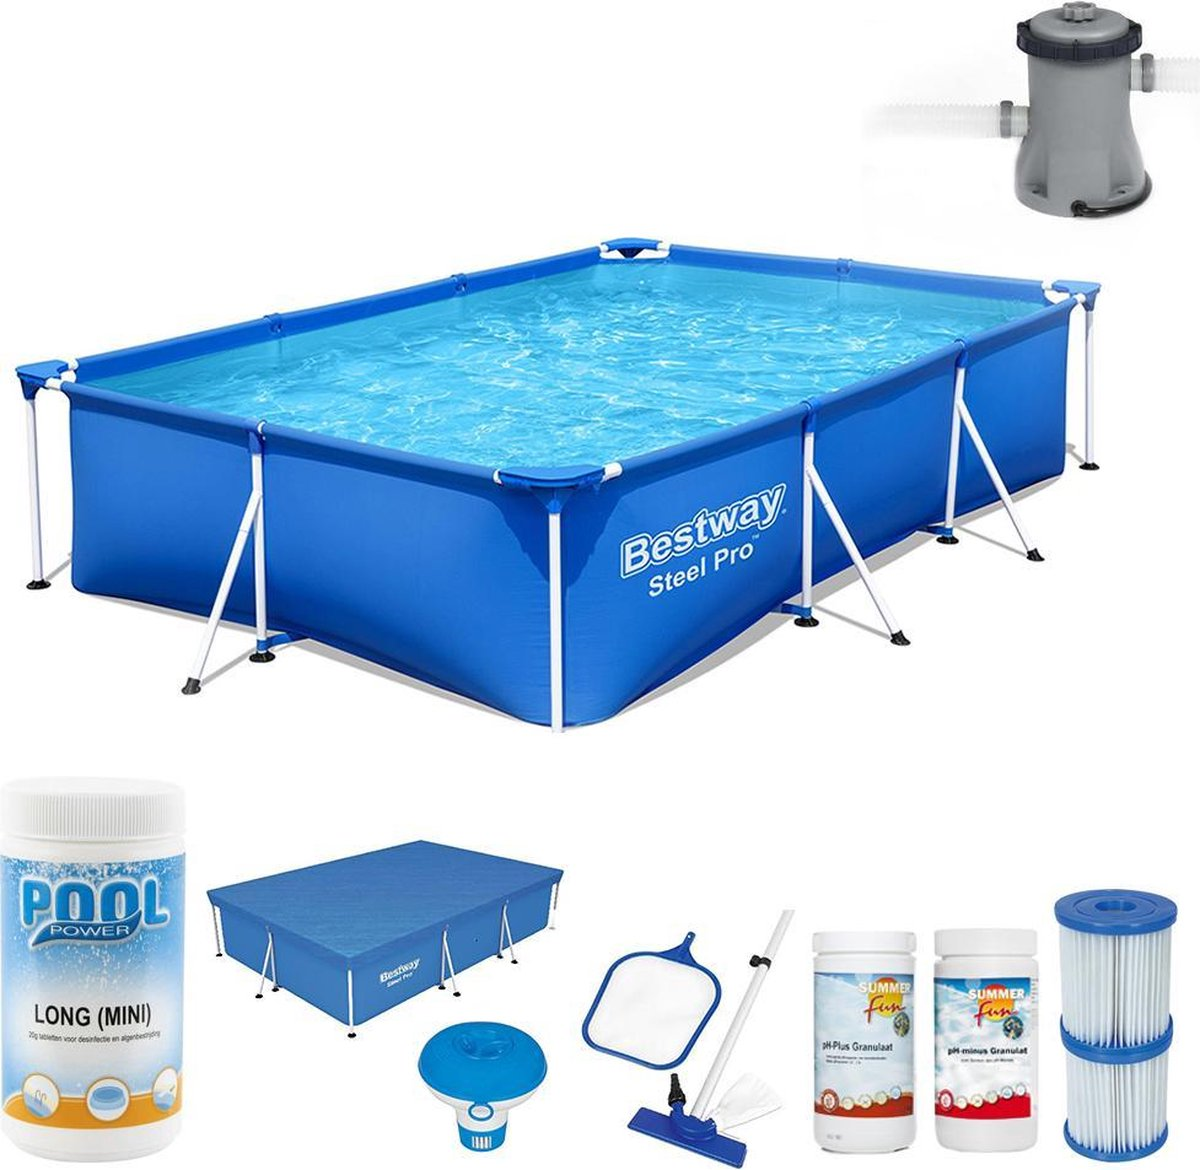 Bestway Steel Pro Rechthoekig 300x201x66cm - Zwembad met filterpomp - Afdekzeil zwembad - Chloordispenser zwembad - Zwembad stofzuiger - Schepnet zwembad - Chloortabletten - pH plus - pH min